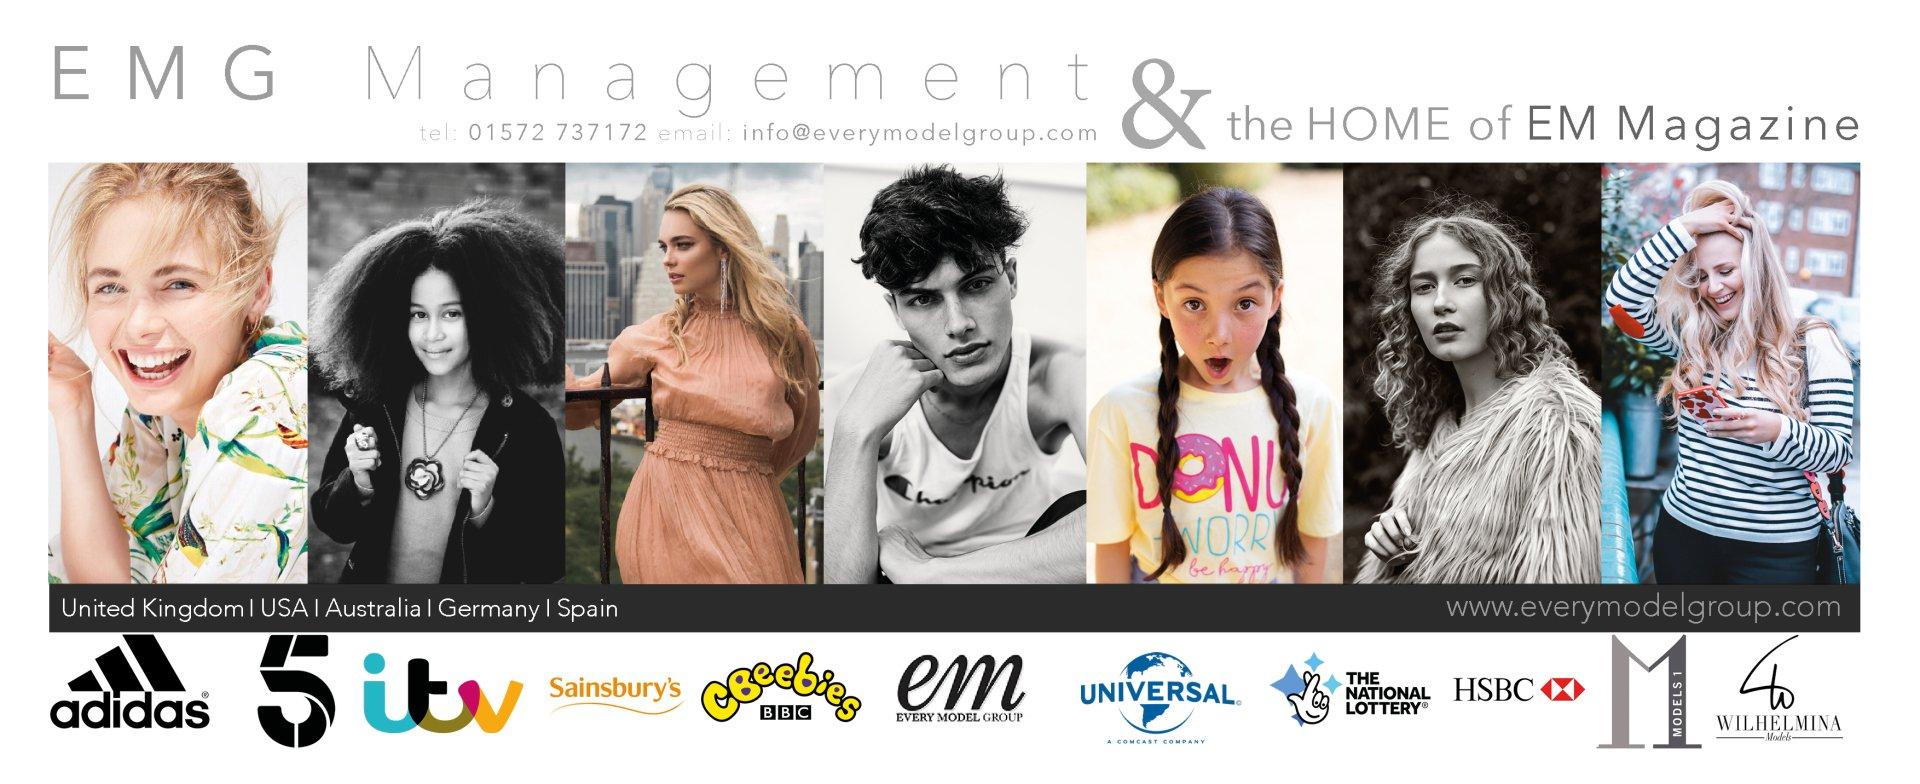 EMG Management talent, actor, artist and model management